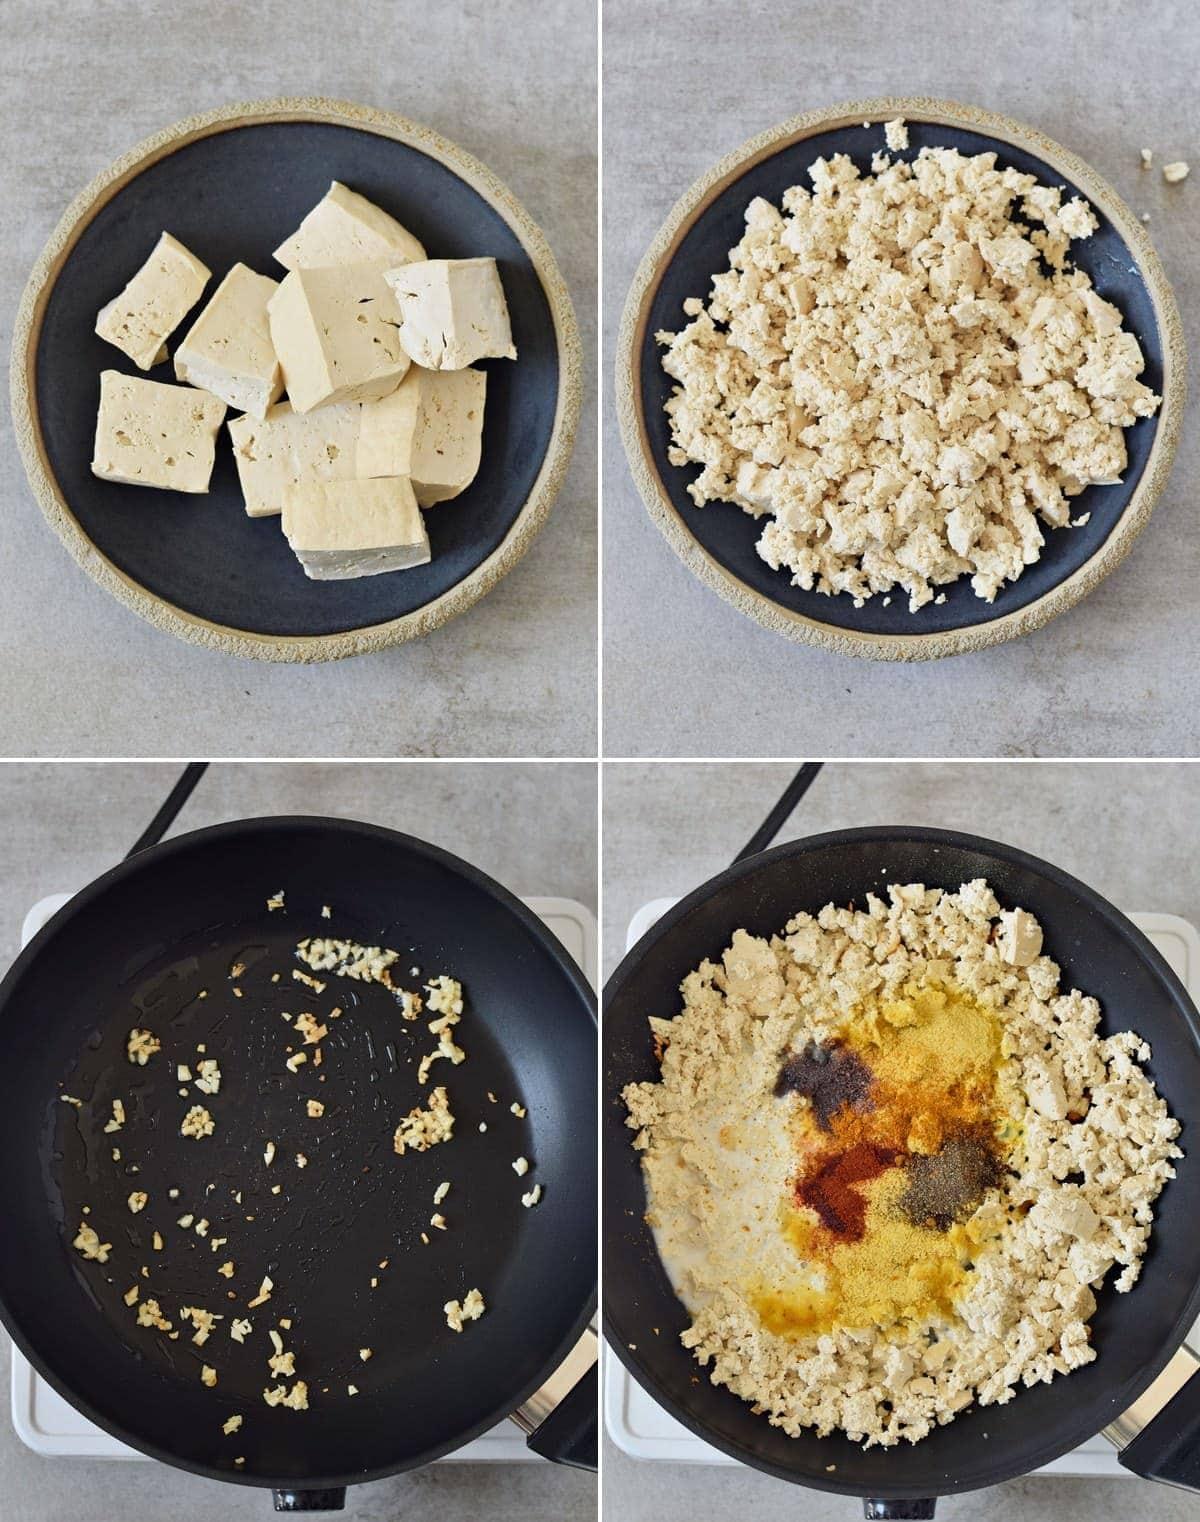 4 Schritt-Für-Schritt Fotos von der Herstellung von Tofu Rührei